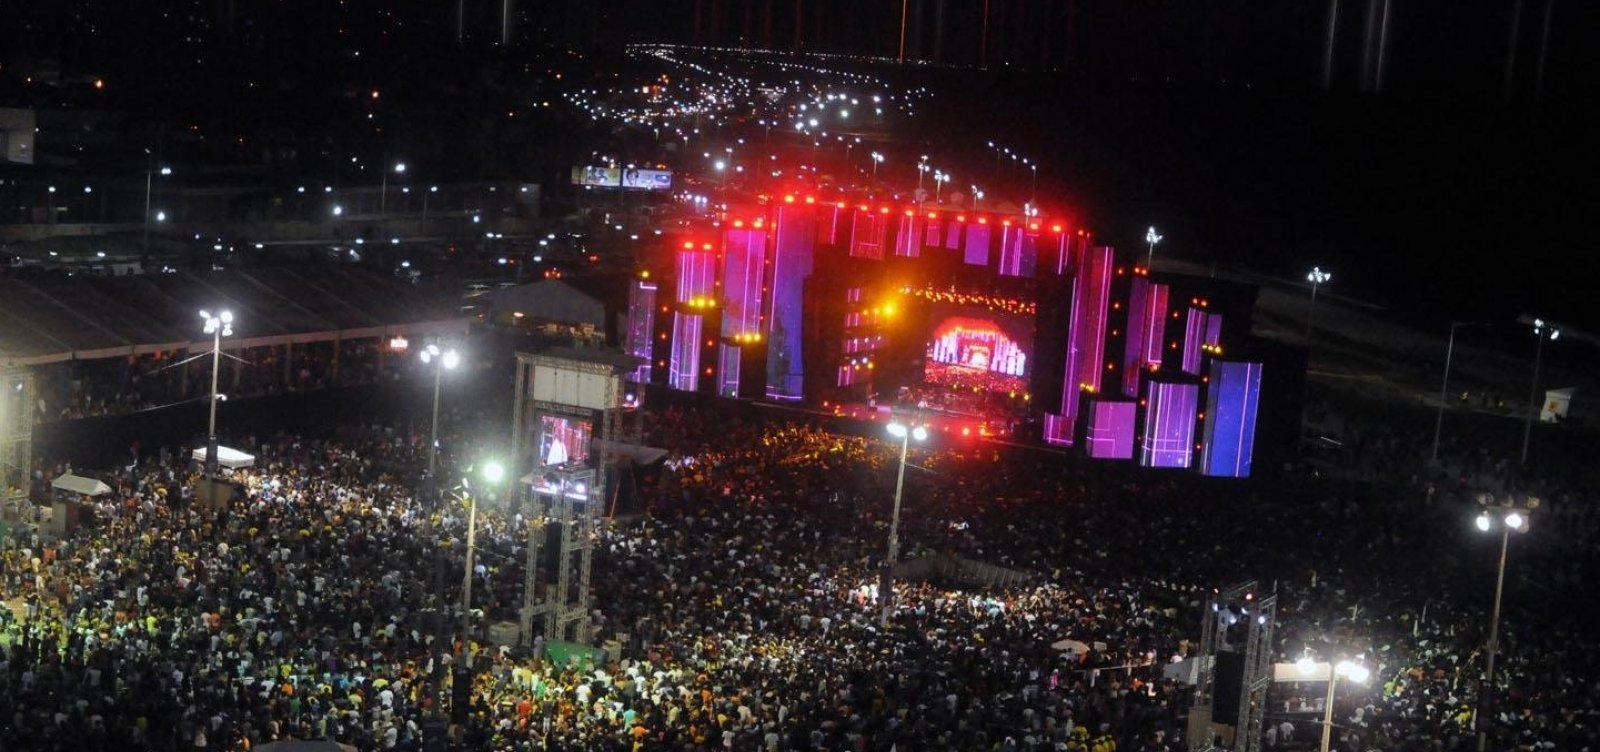 [Prefeito vai anunciar grade completa do Festival Virada nesta sexta no novo Centro de Convenções]